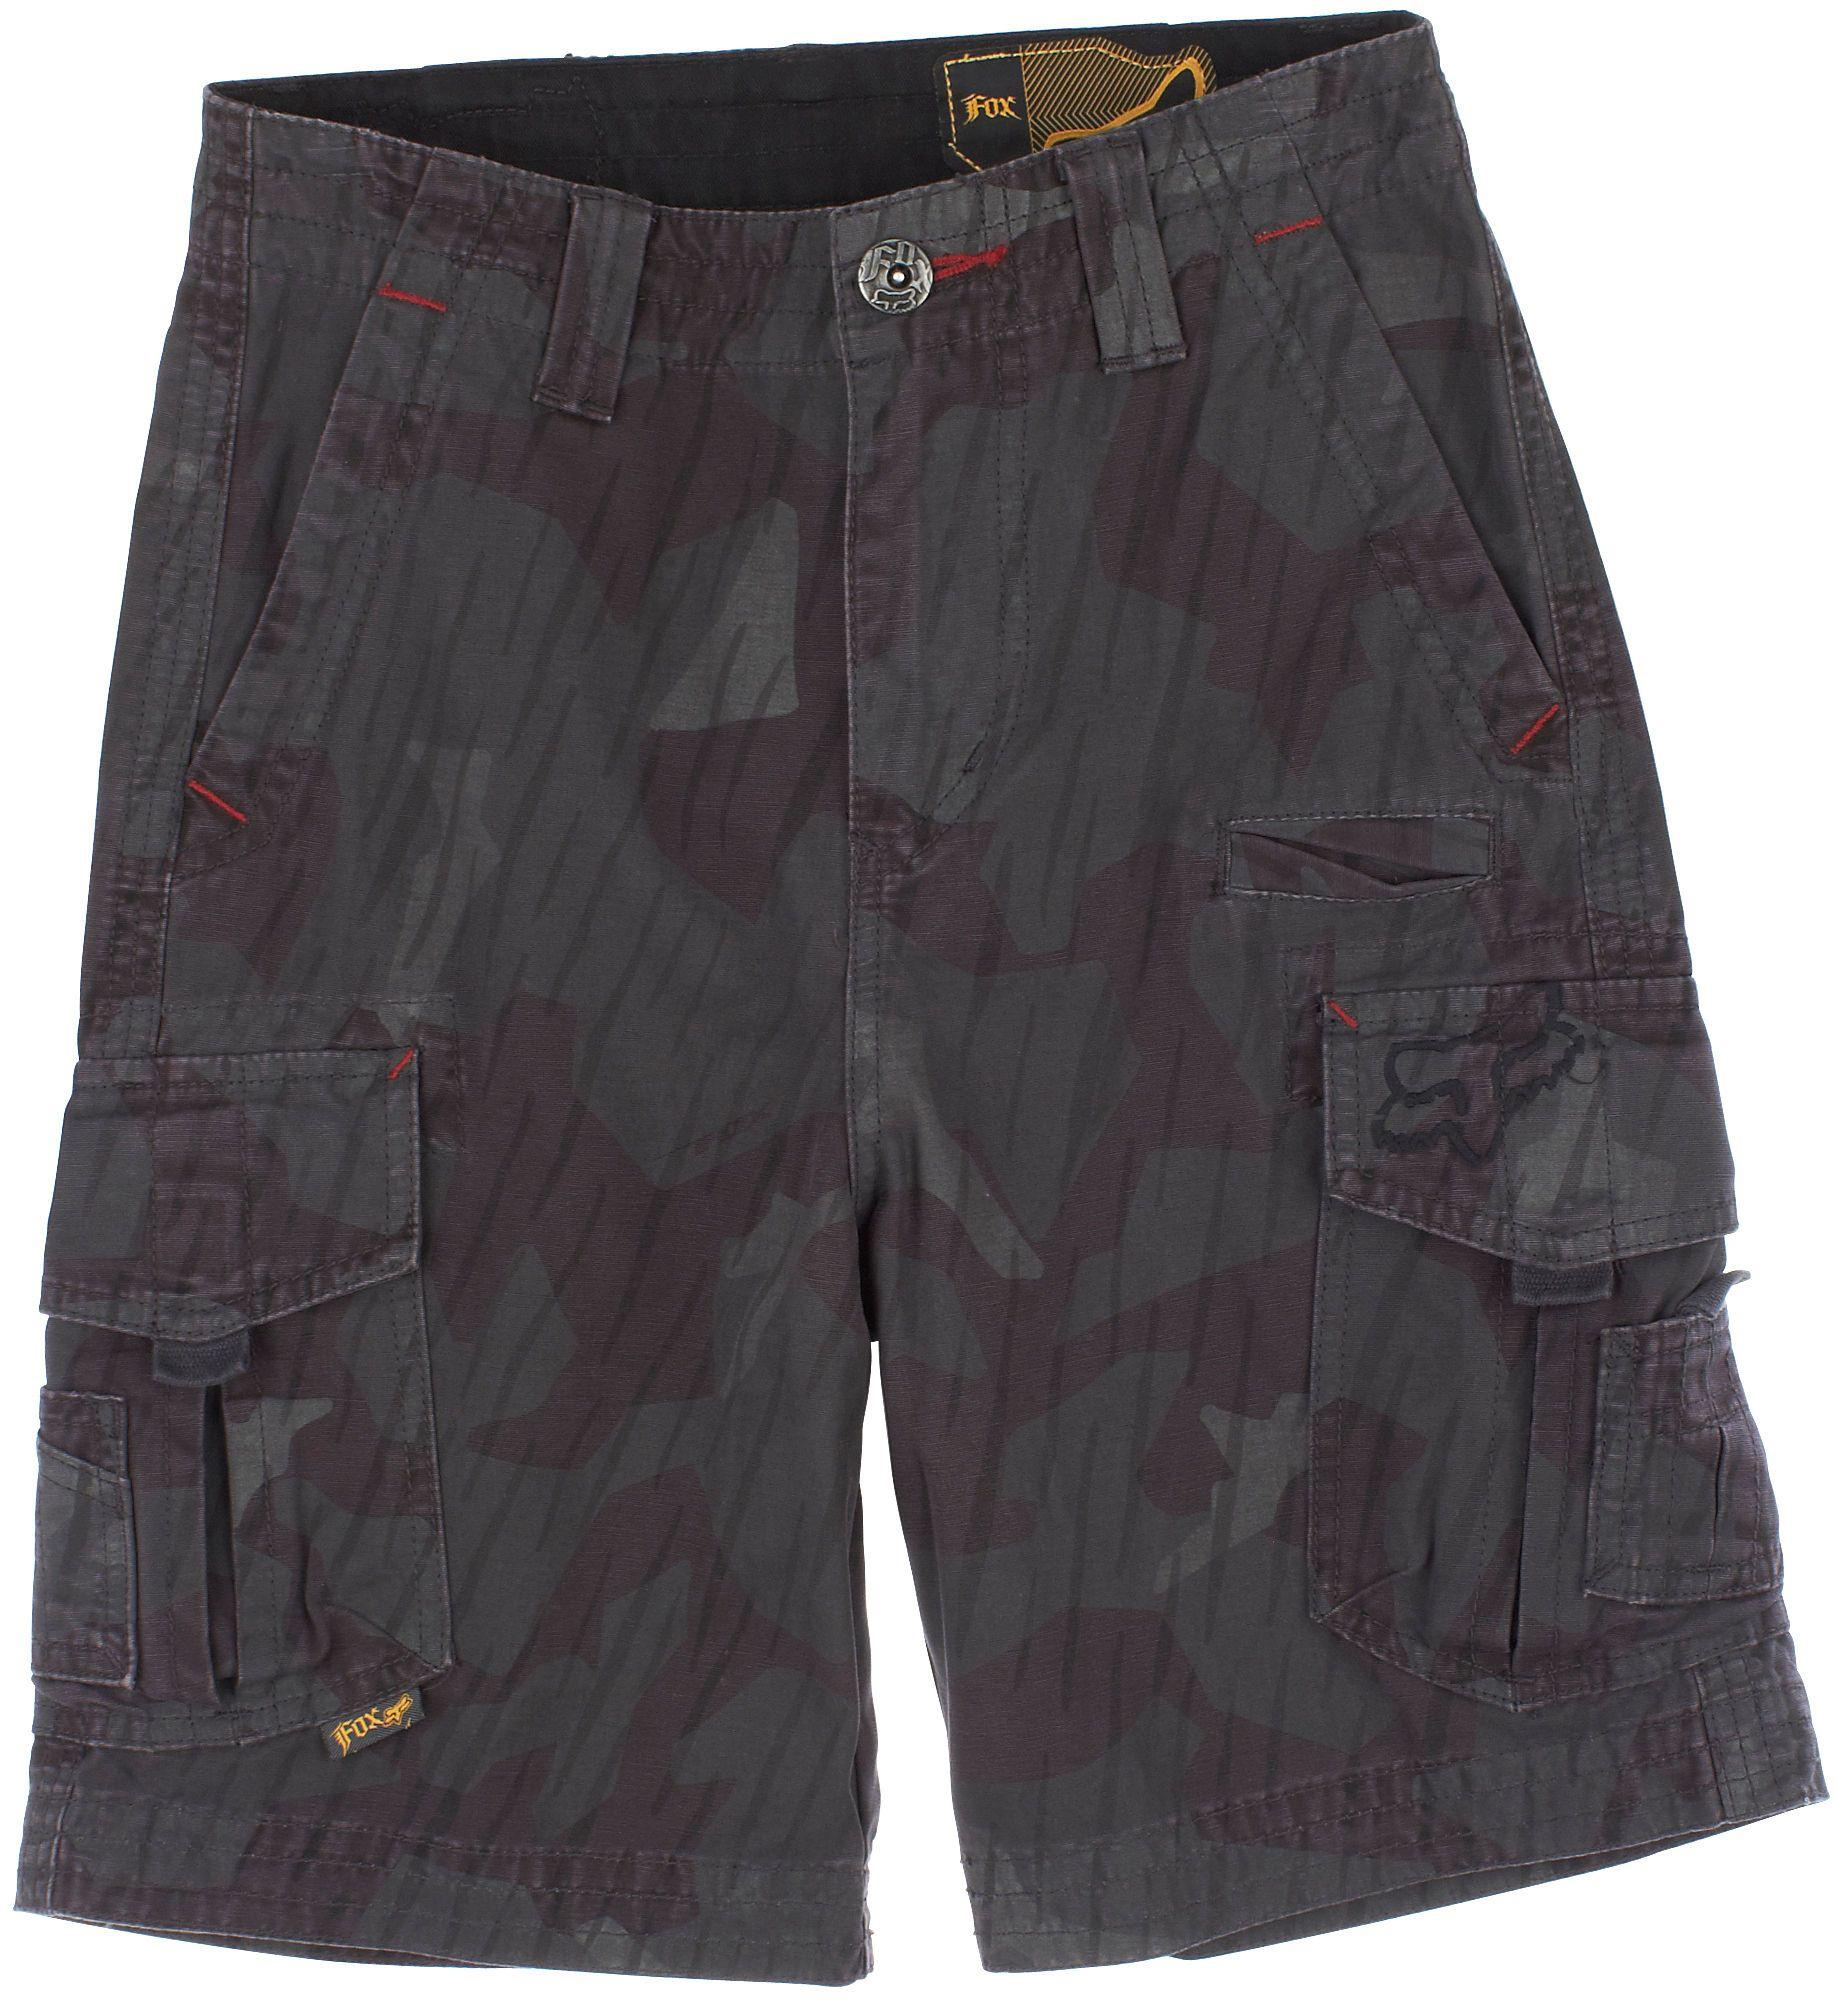 Fox racing slambozo cargo shorts for boys kids fashion